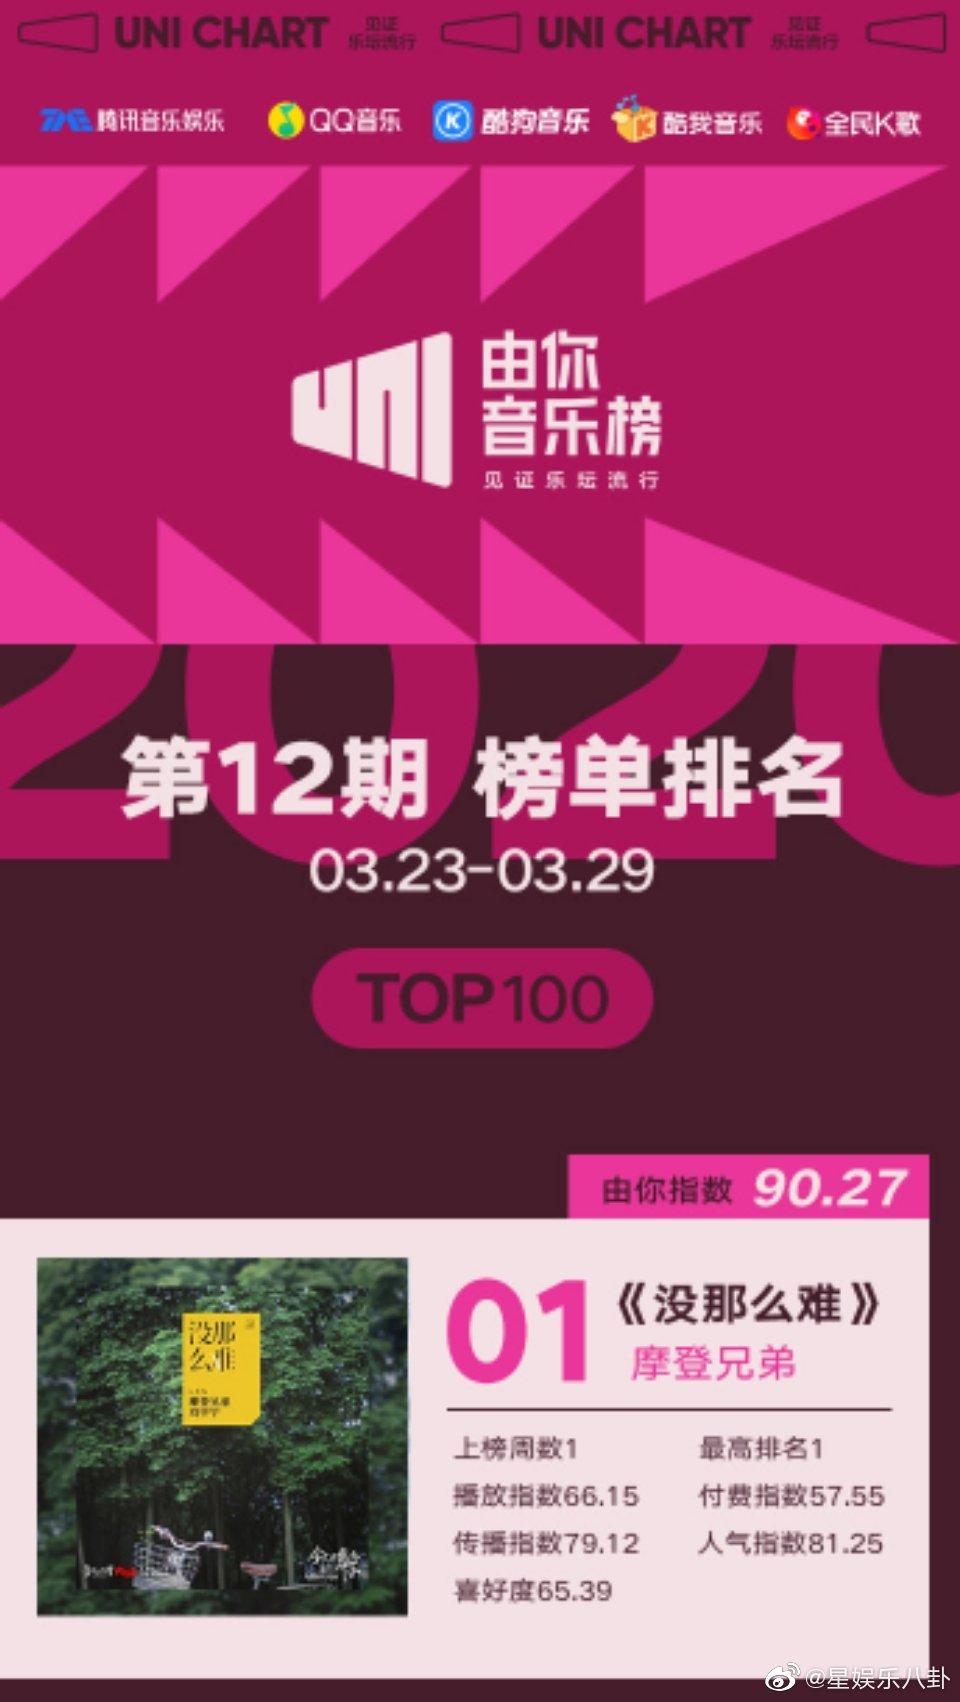 摩登兄弟刘宇宁双榜第一  由你音乐榜2020年第十二期榜单公开